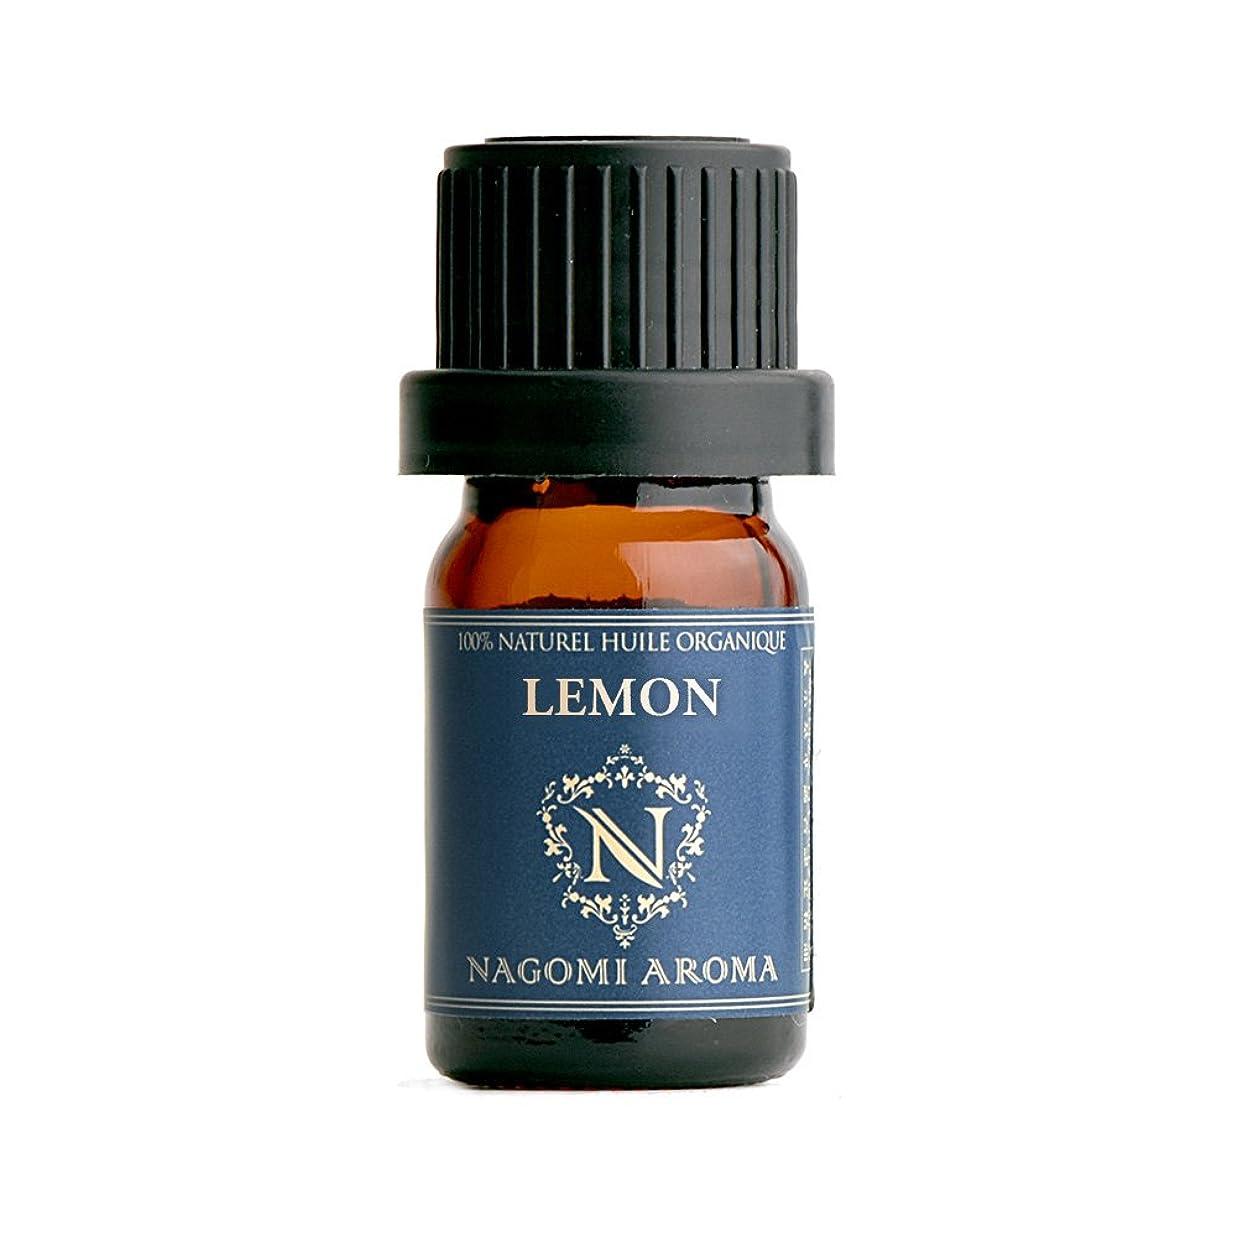 機転ベンチ食物NAGOMI AROMA オーガニック レモン 5ml 【AEAJ認定精油】【アロマオイル】